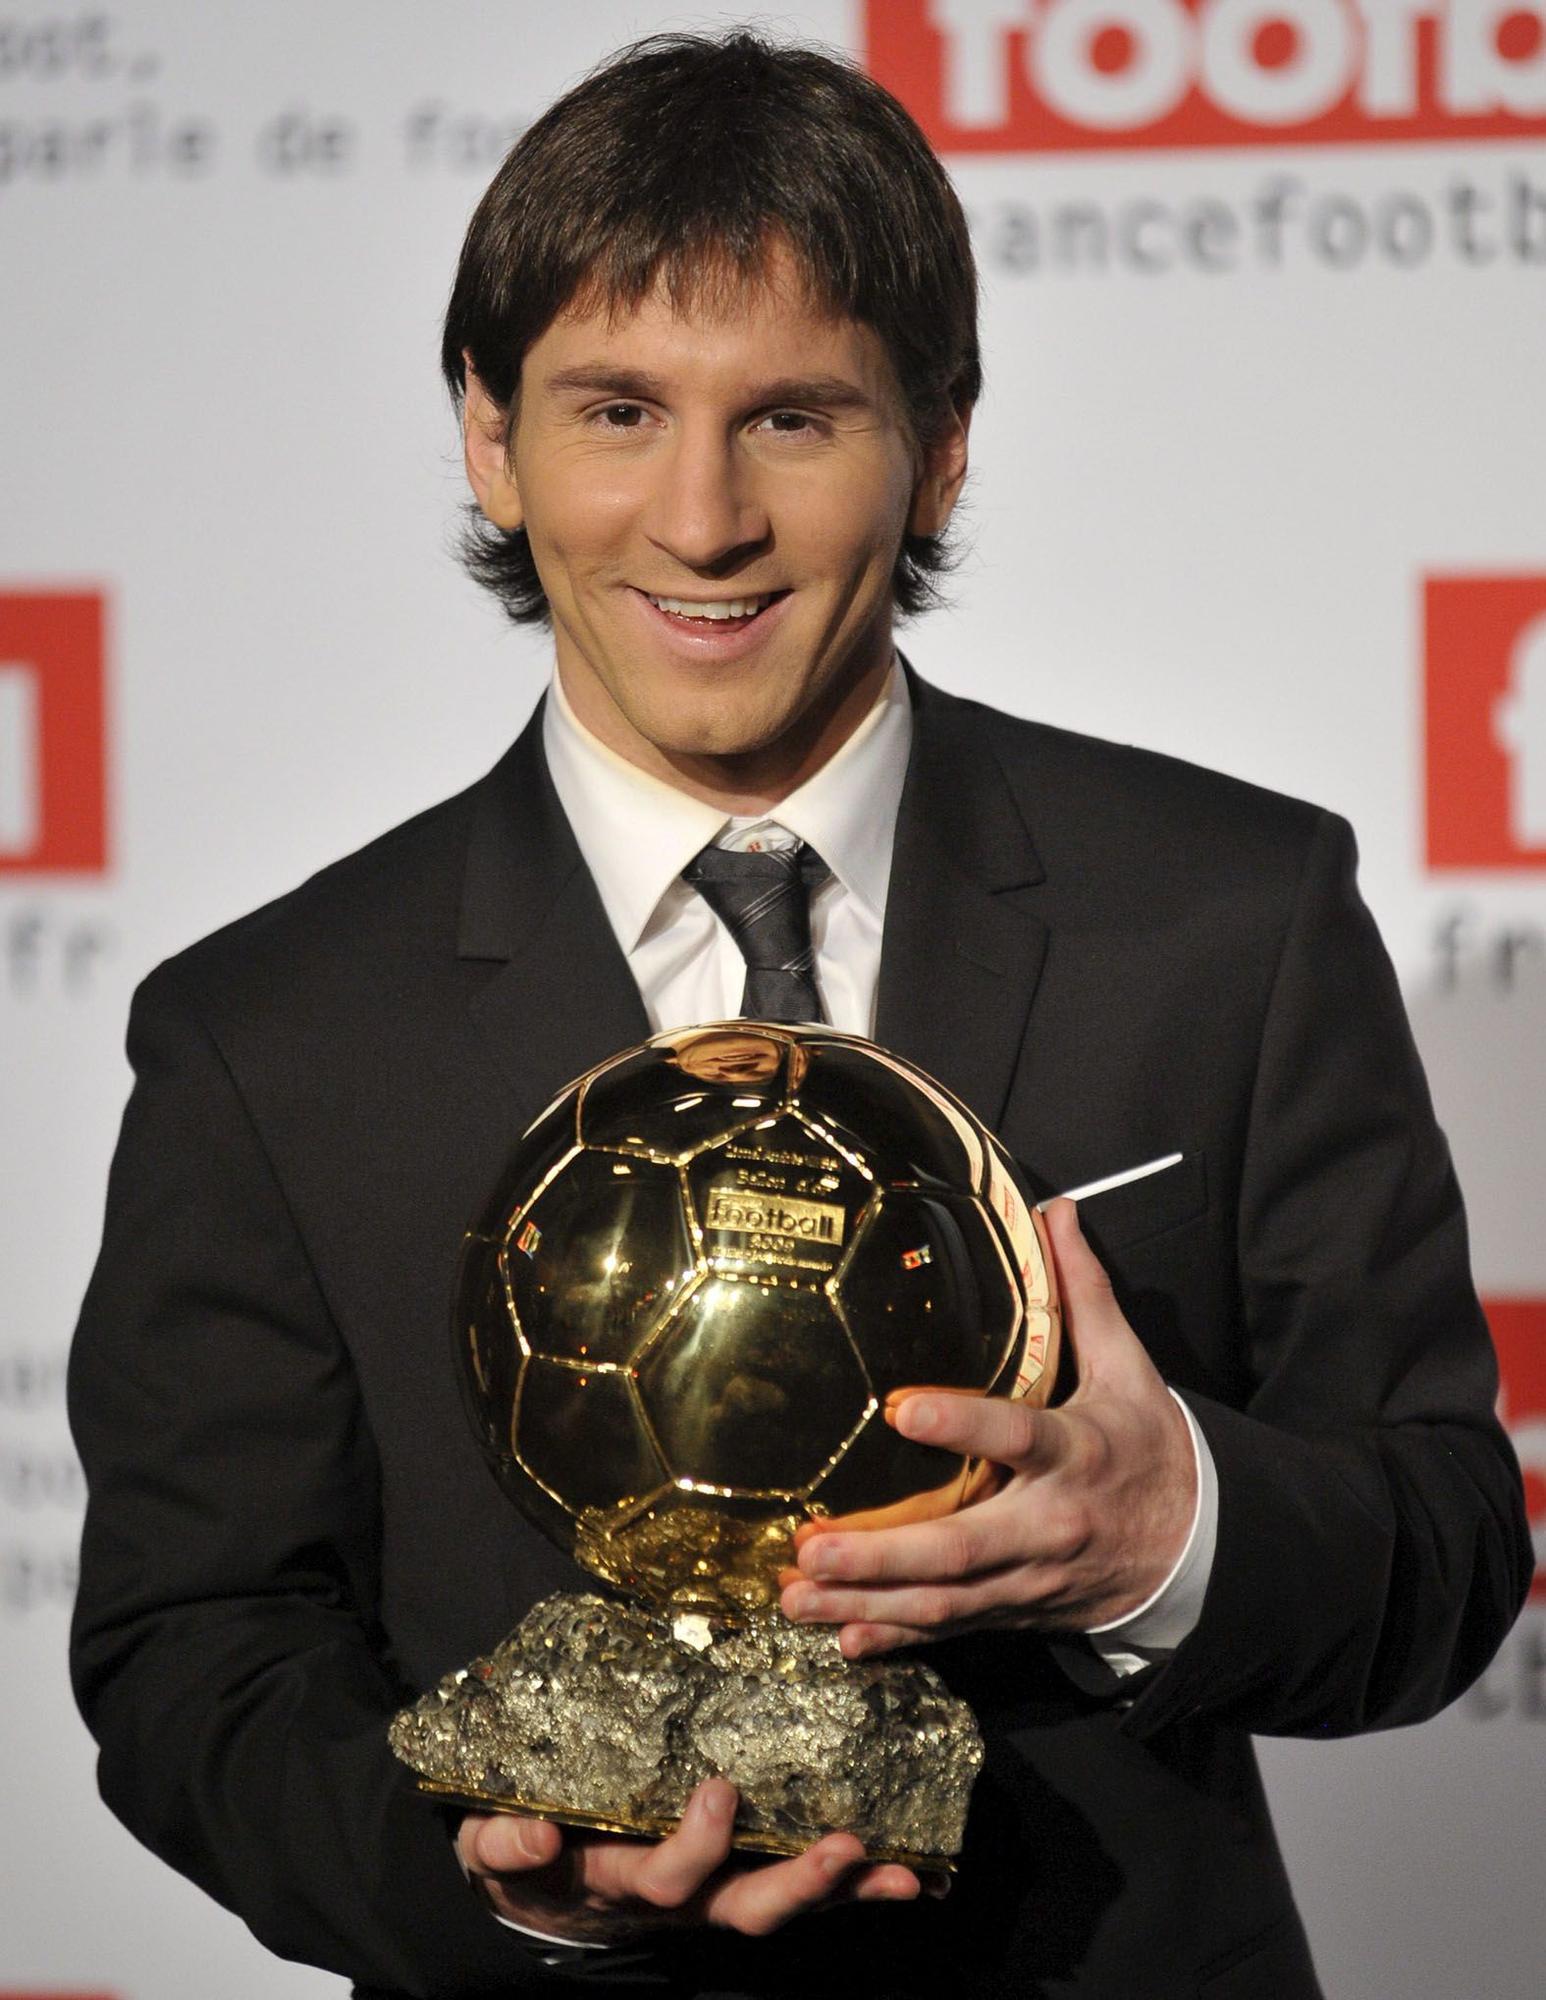 La carrera de Messi en el Barcelona, en diez imágenes